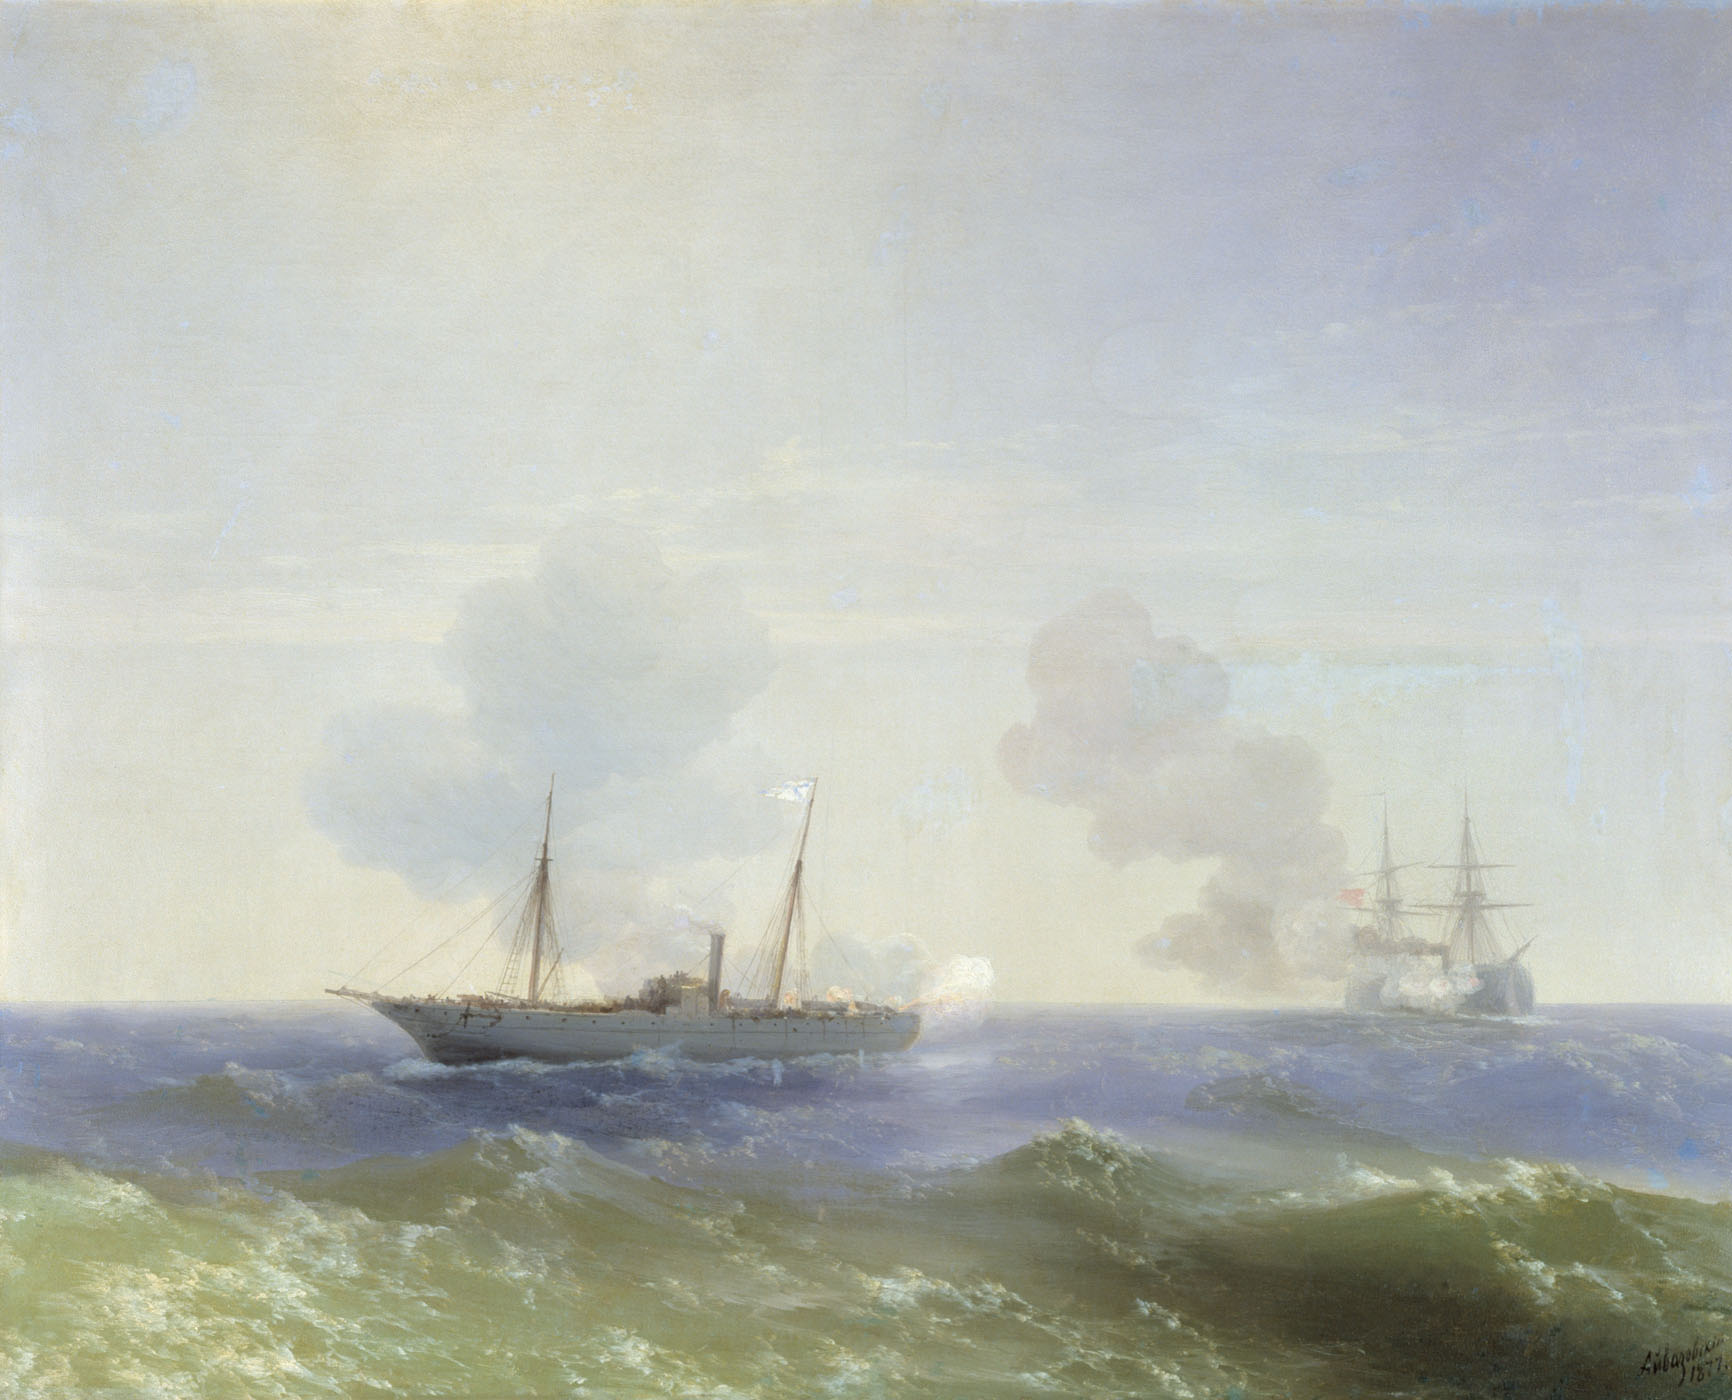 бой парохода веста с турецким броненосцем фехти буленд в черном море 11 июля 1877